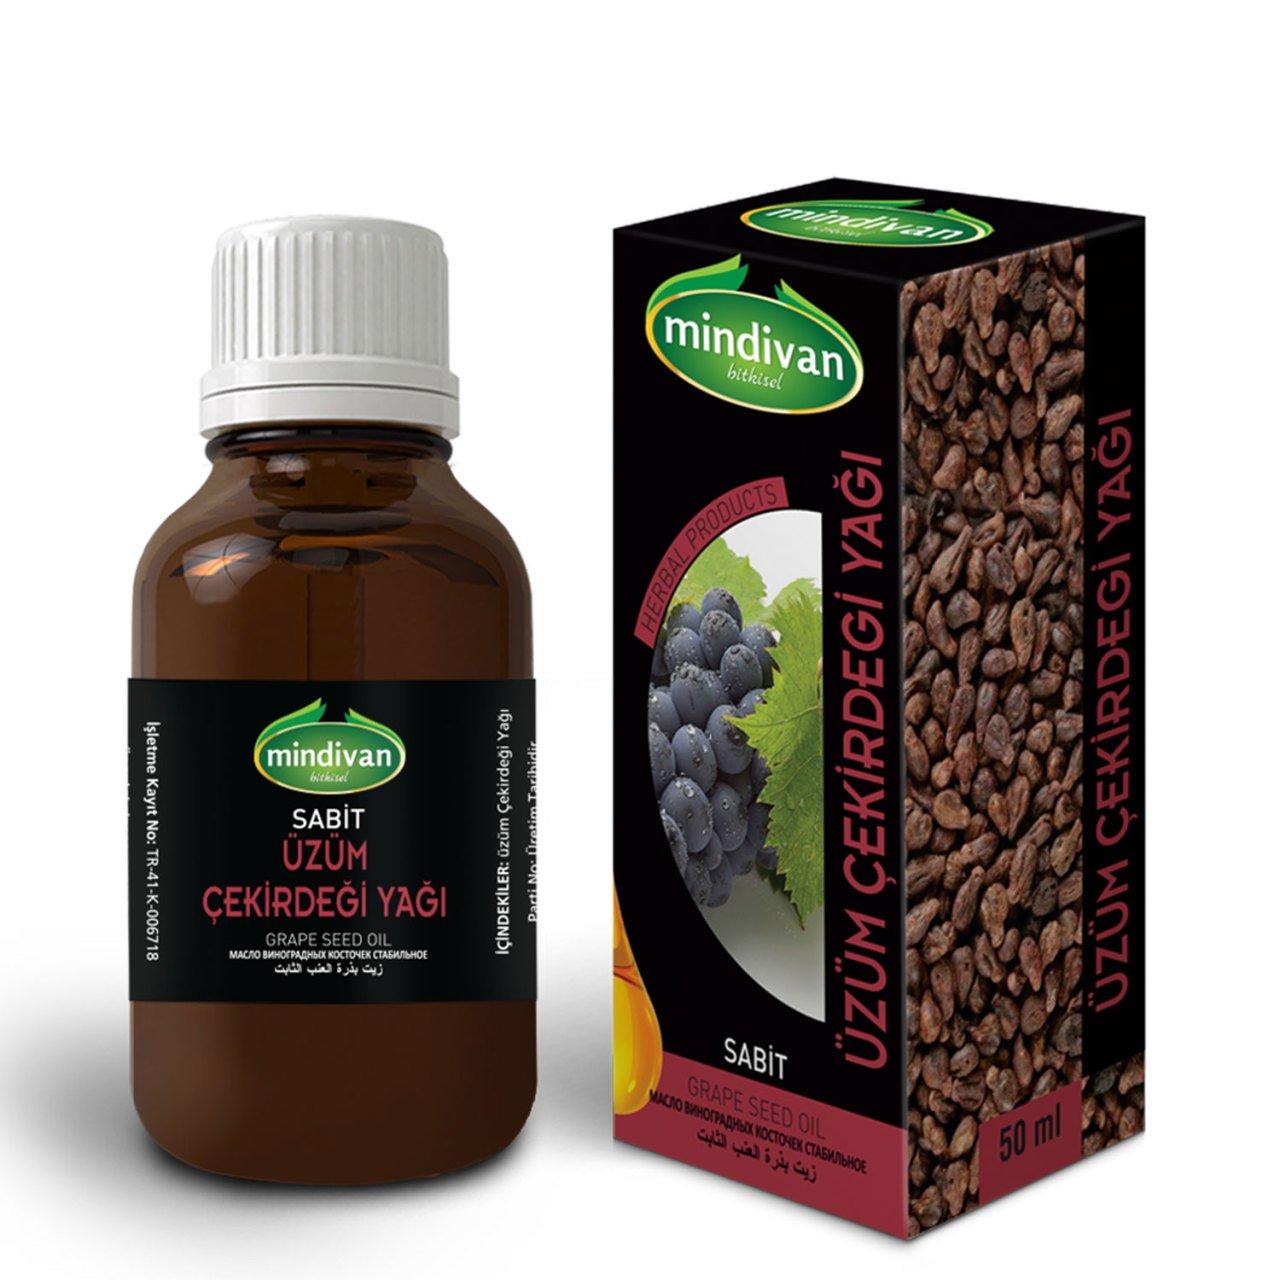 Mindivan Üzüm Çekirdeği Yağı 50 ml ürünü